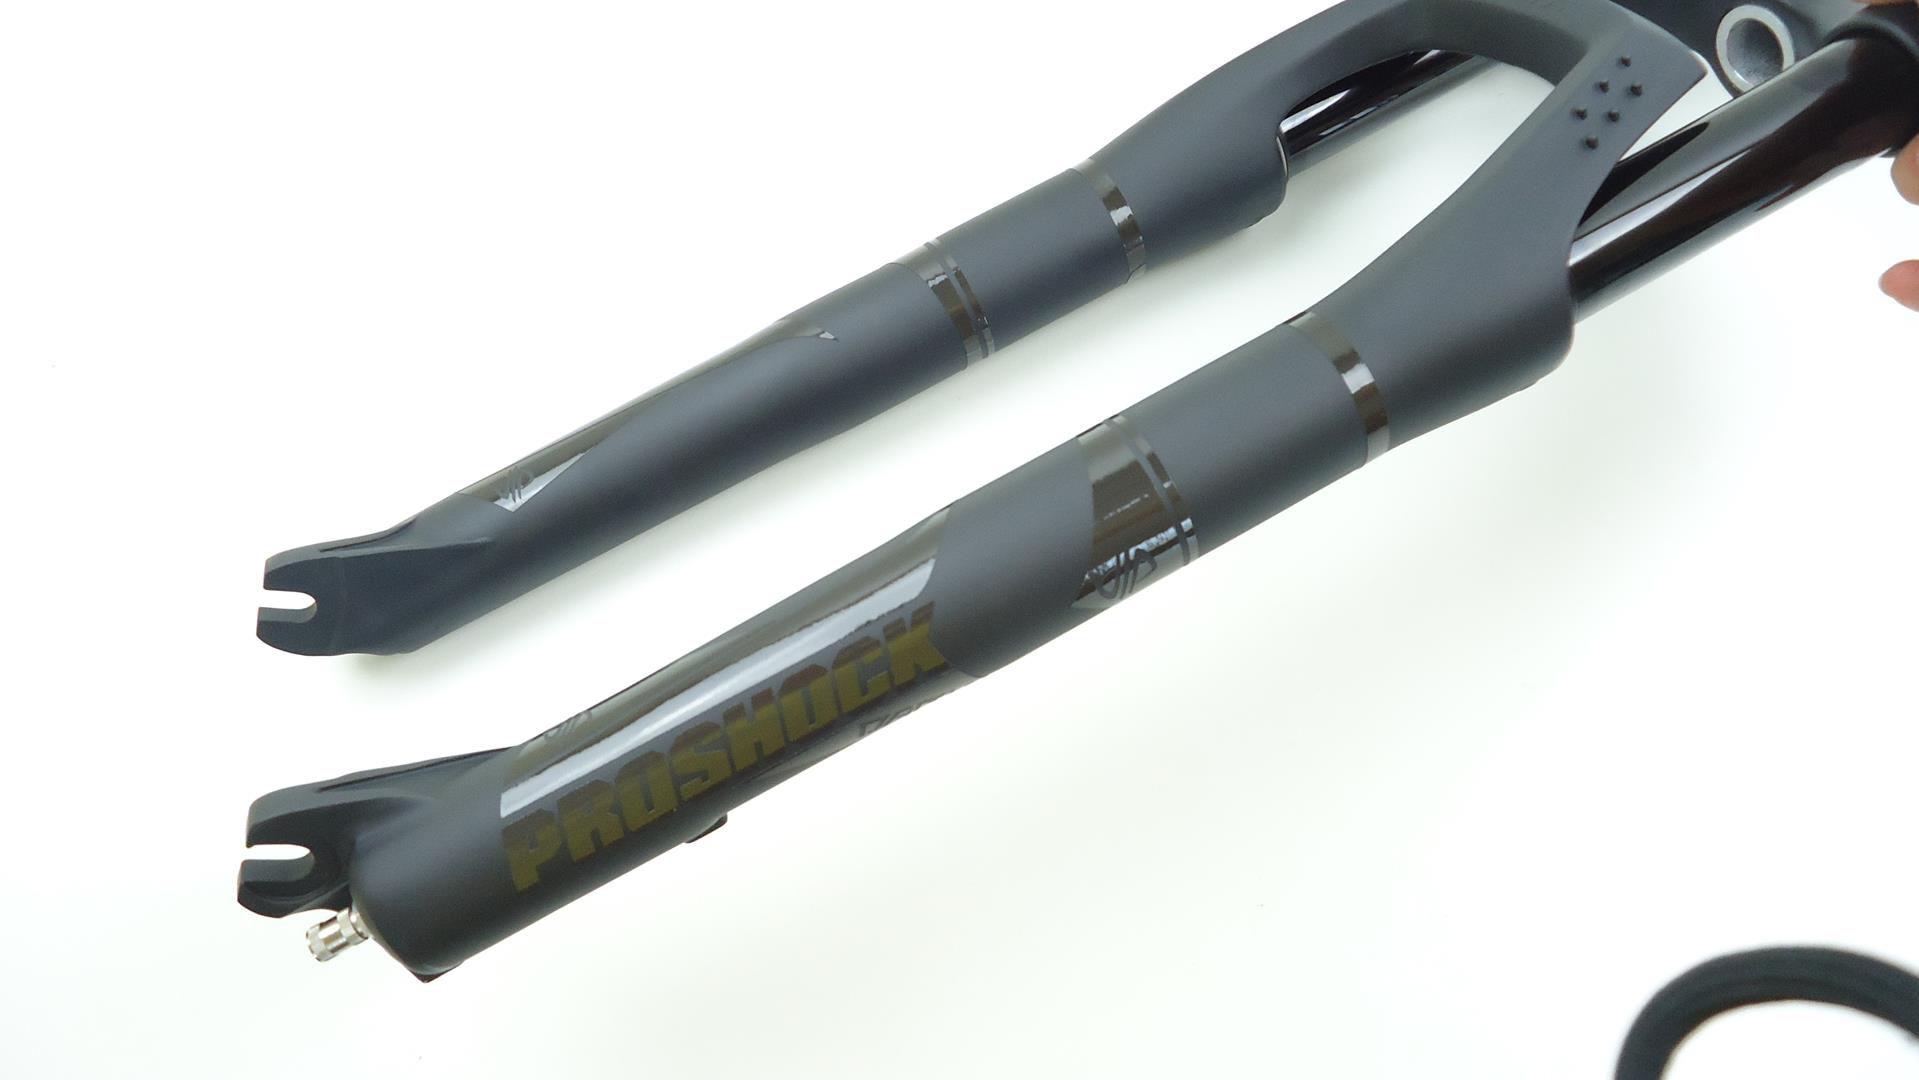 Suspensão Proshock Onix Dark 29 Reta 100mm Eixo 9mm Preta Trava Guidão